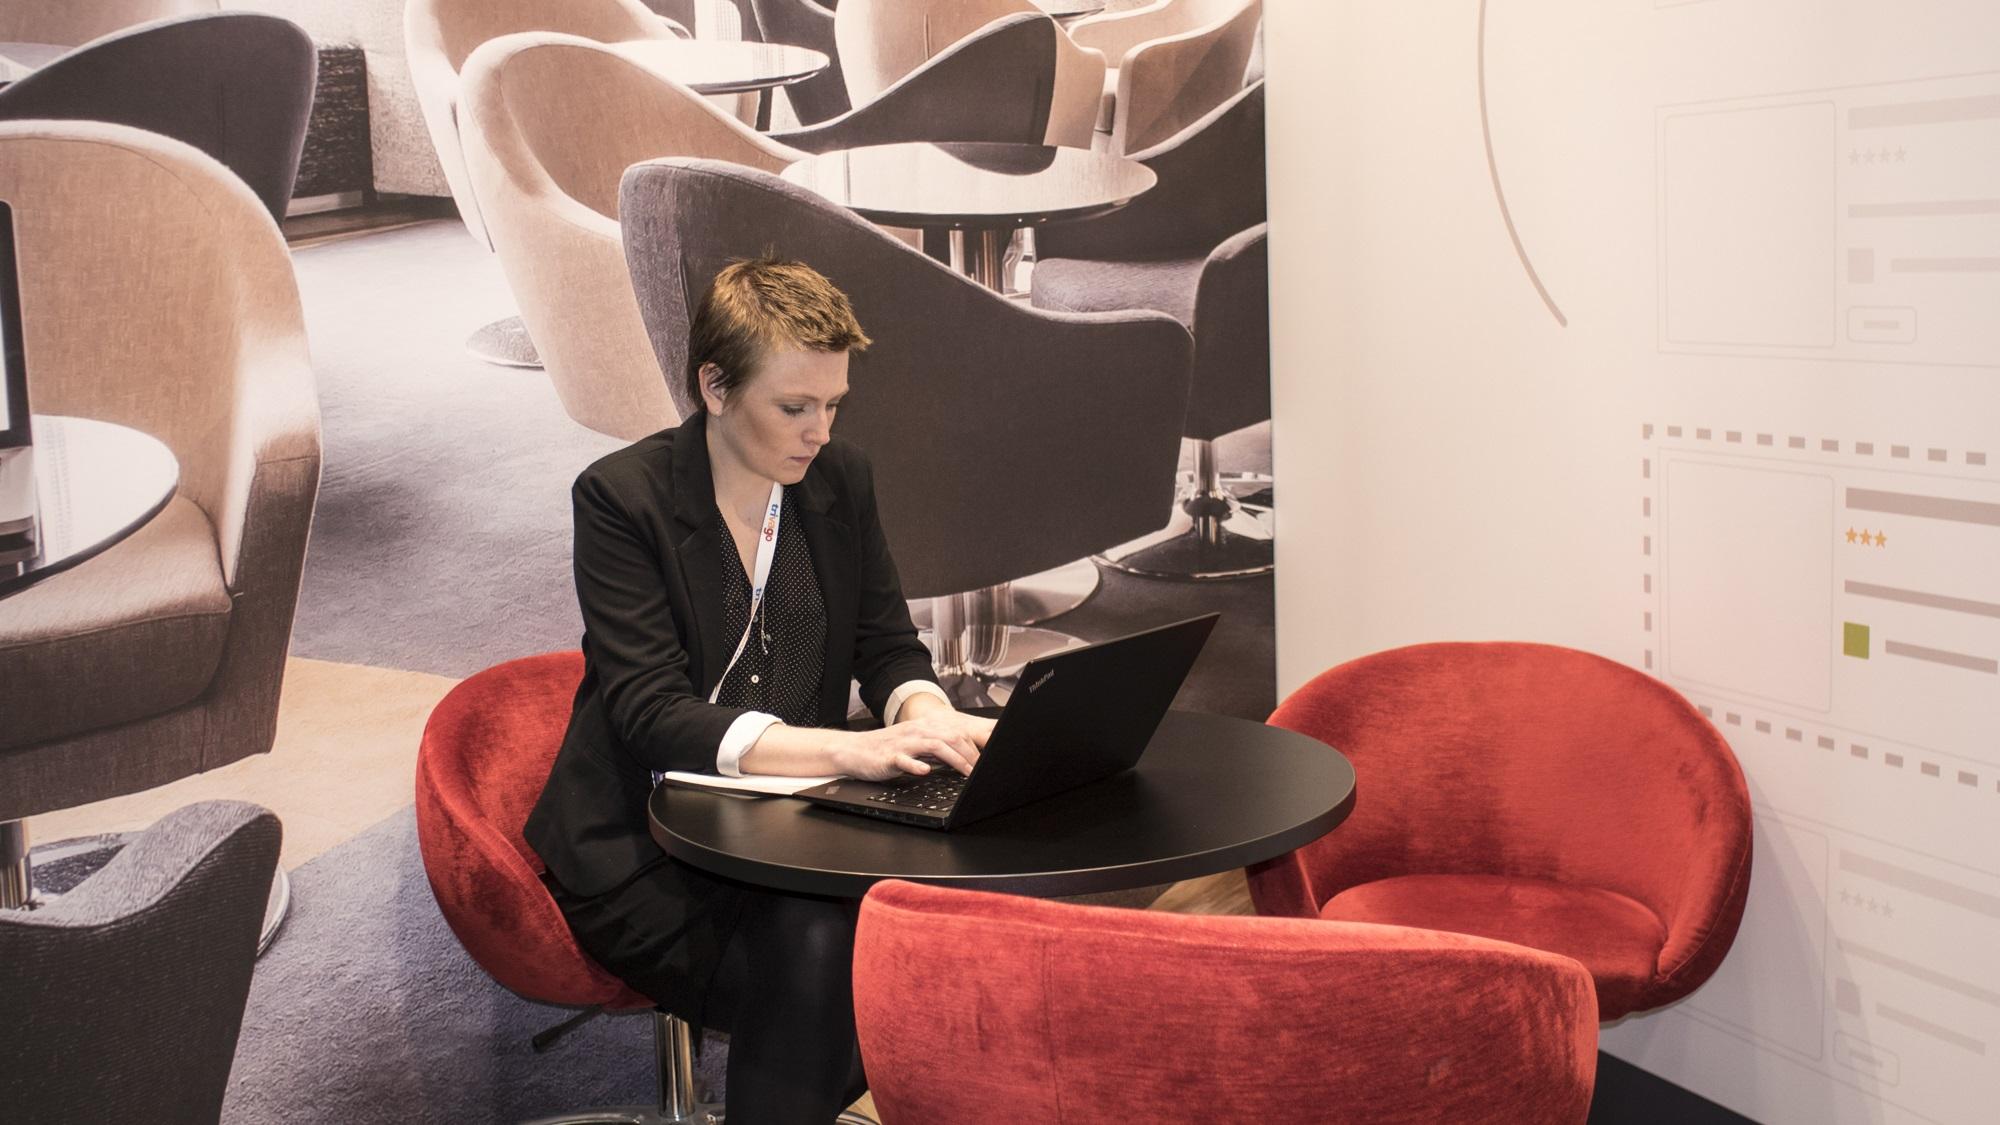 un expert en marketing des metasearch au world travel market, travaillant sur son ordinateur